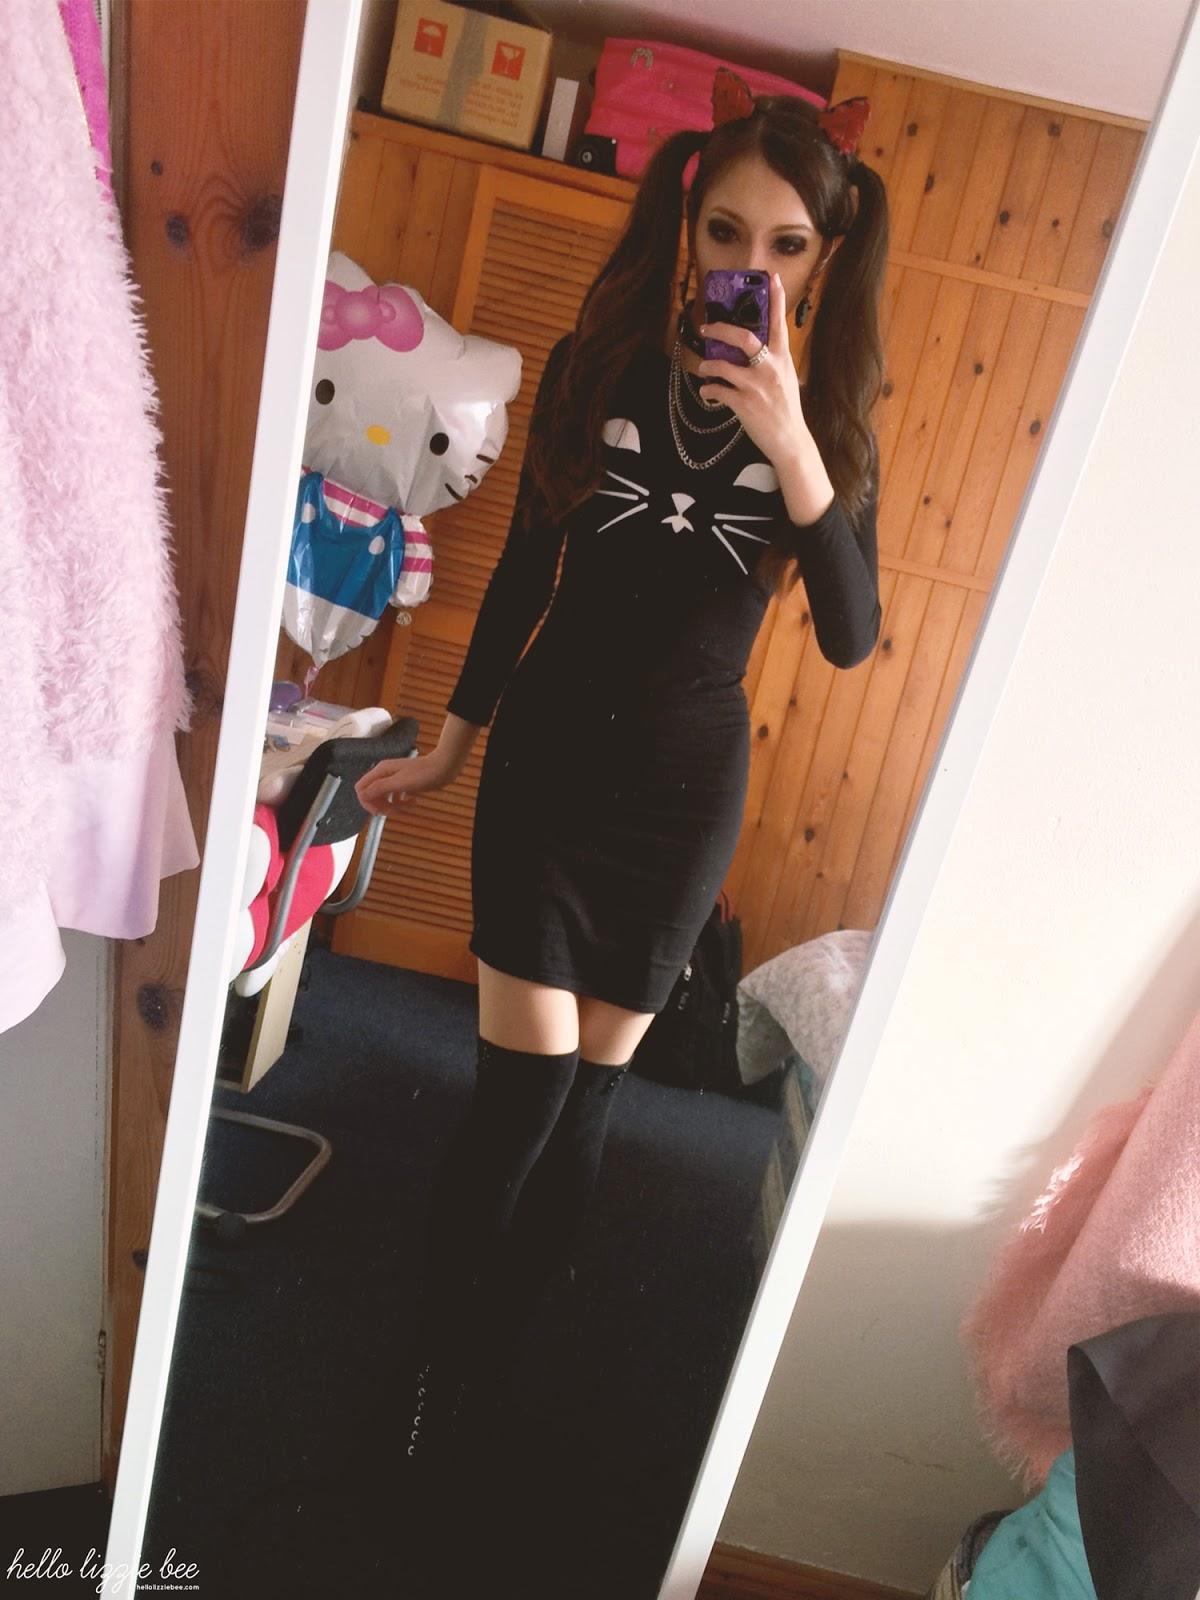 rokku gyaru, gyaru outfit, halloween outfit